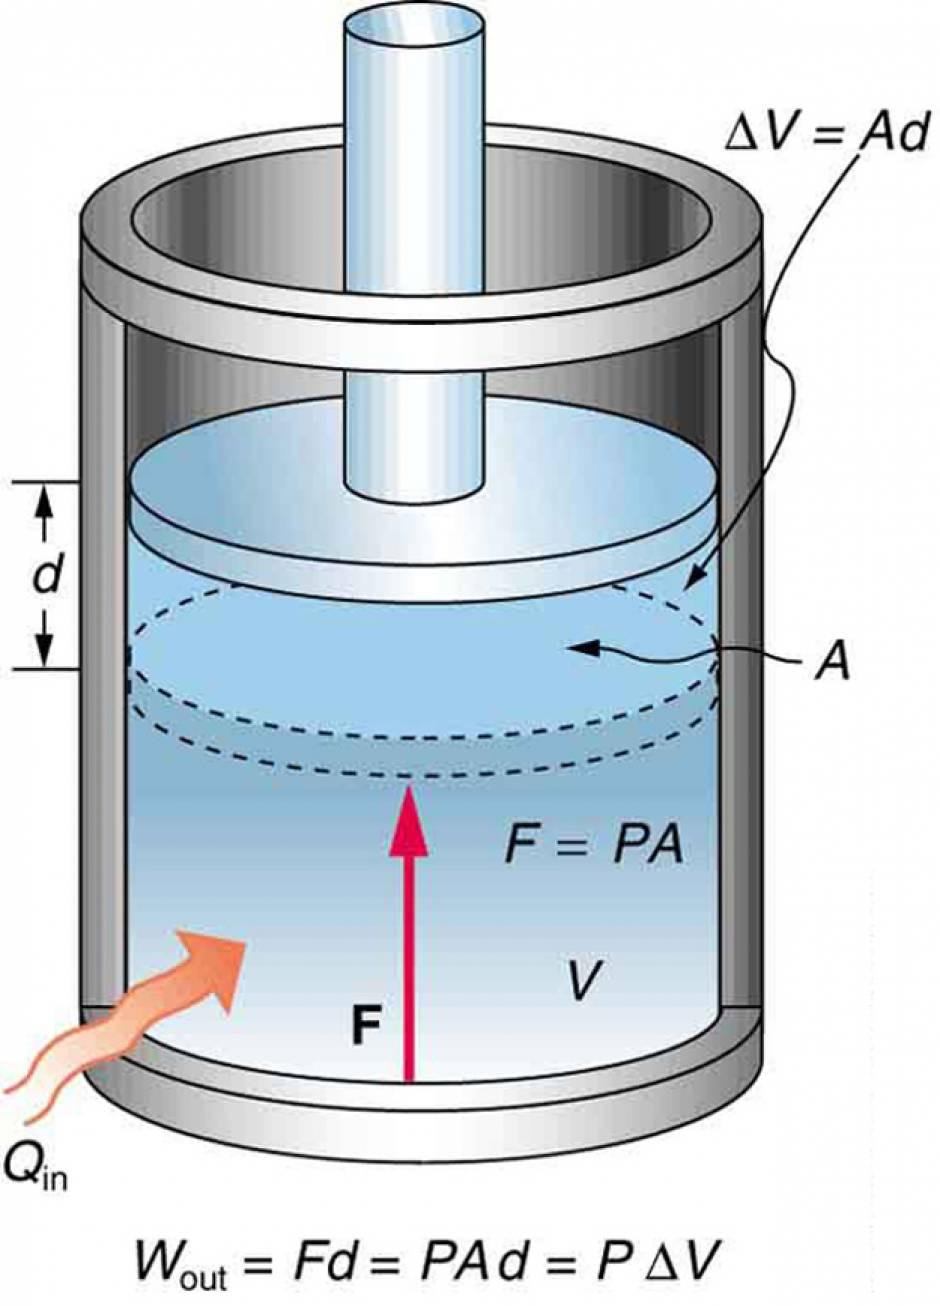 الشغل  بواسطة الغاز  Pressure-volume work